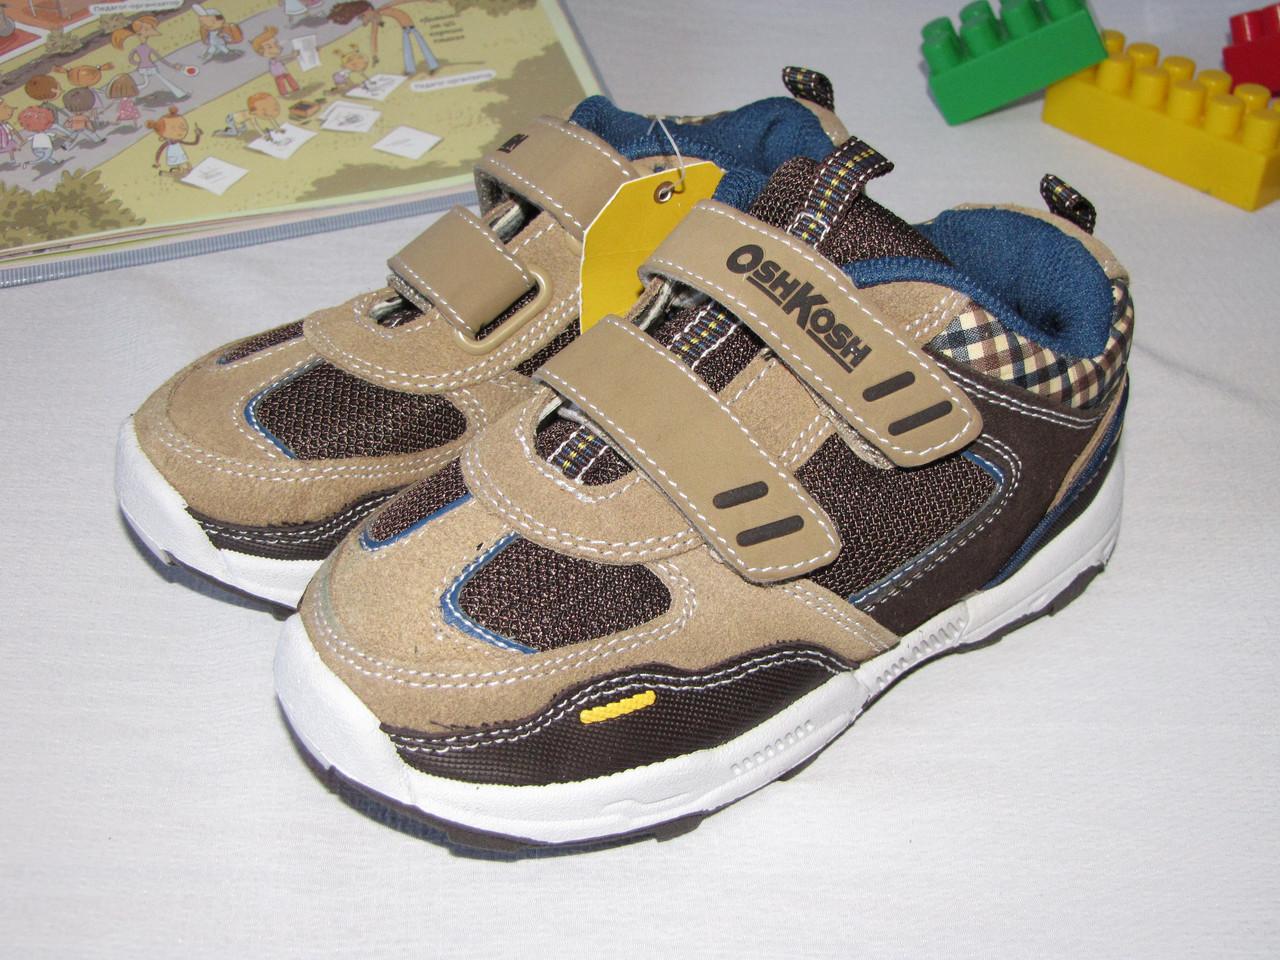 Кроссовки детские осенние OshKosh оригинал  размер 28 коричневые 08004